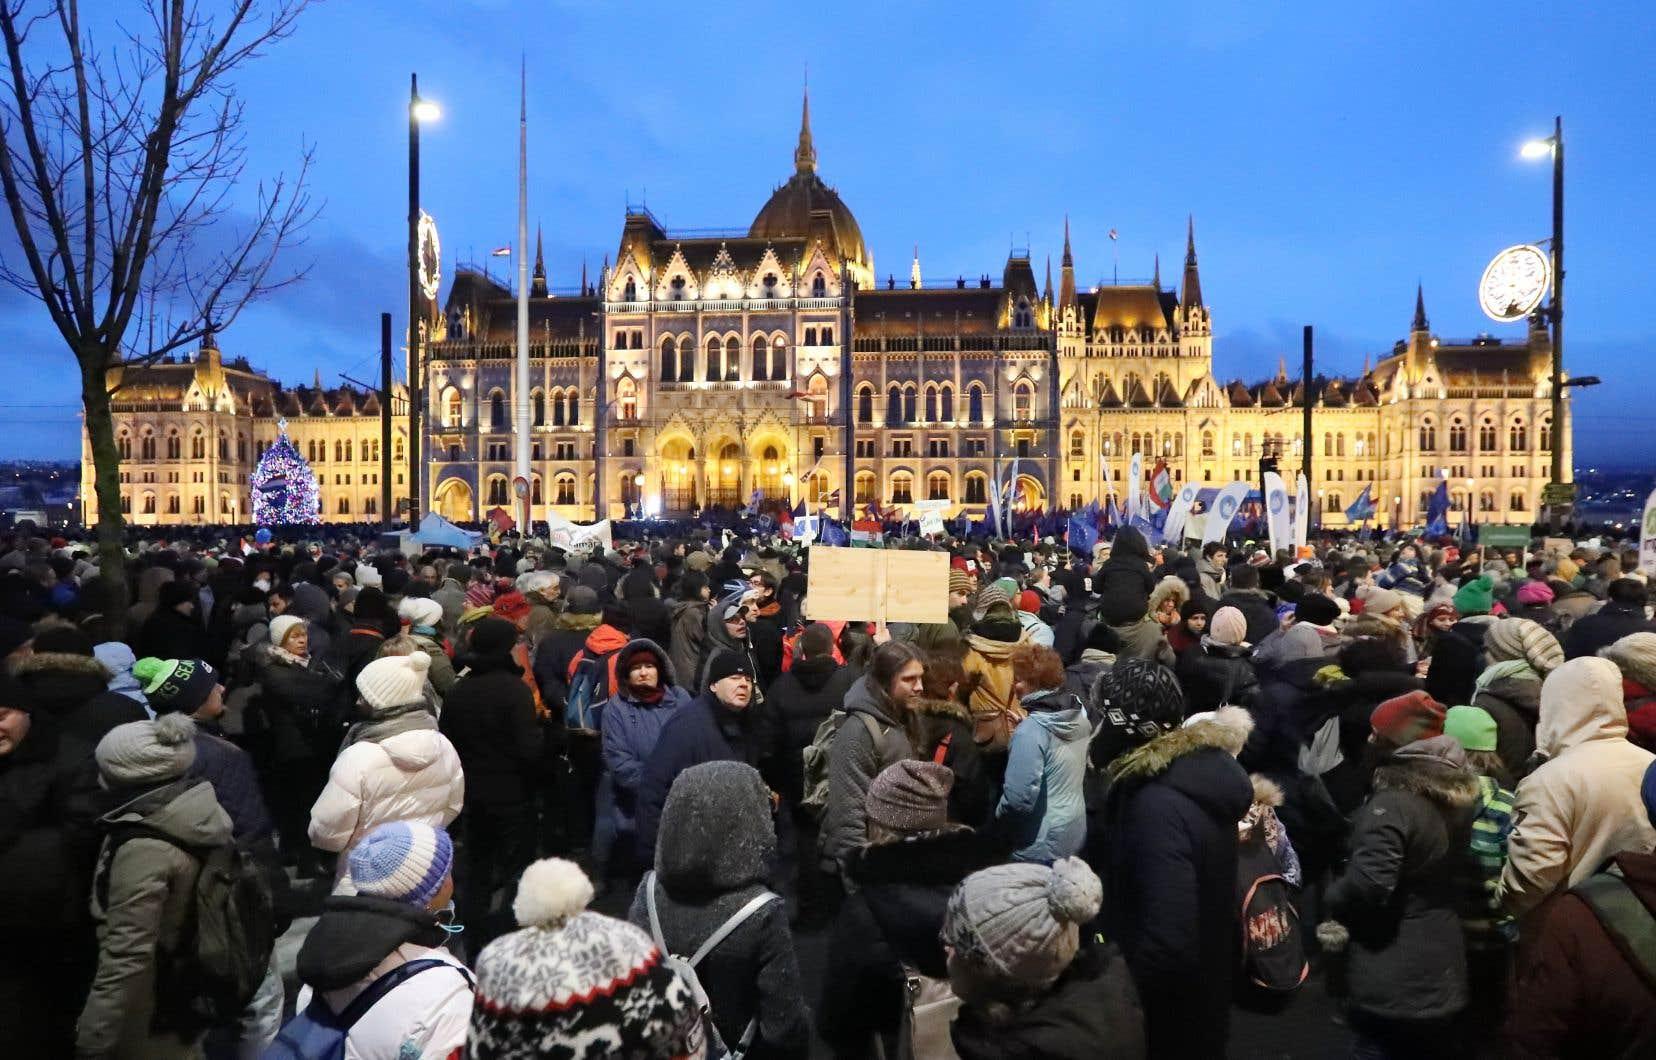 Depuis 1990, la Hongrie aurait perdu presque 10% de sa population. Plusieurs incriminent le régime corrompu de Viktor Orbán.